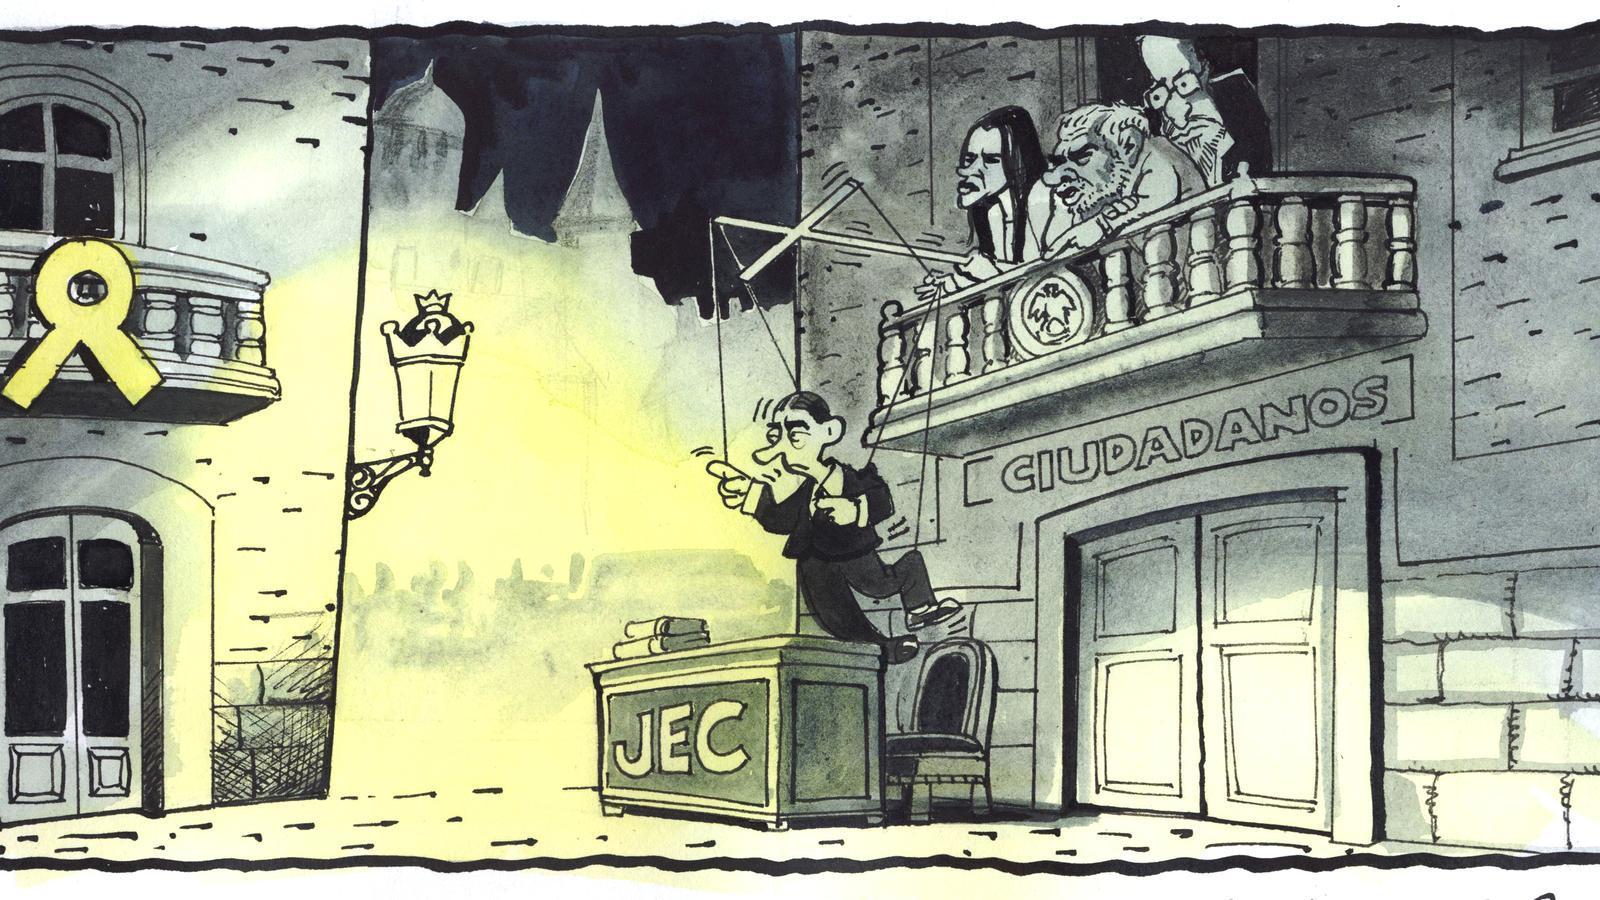 'A la contra', per Ferreres 01/03/2020